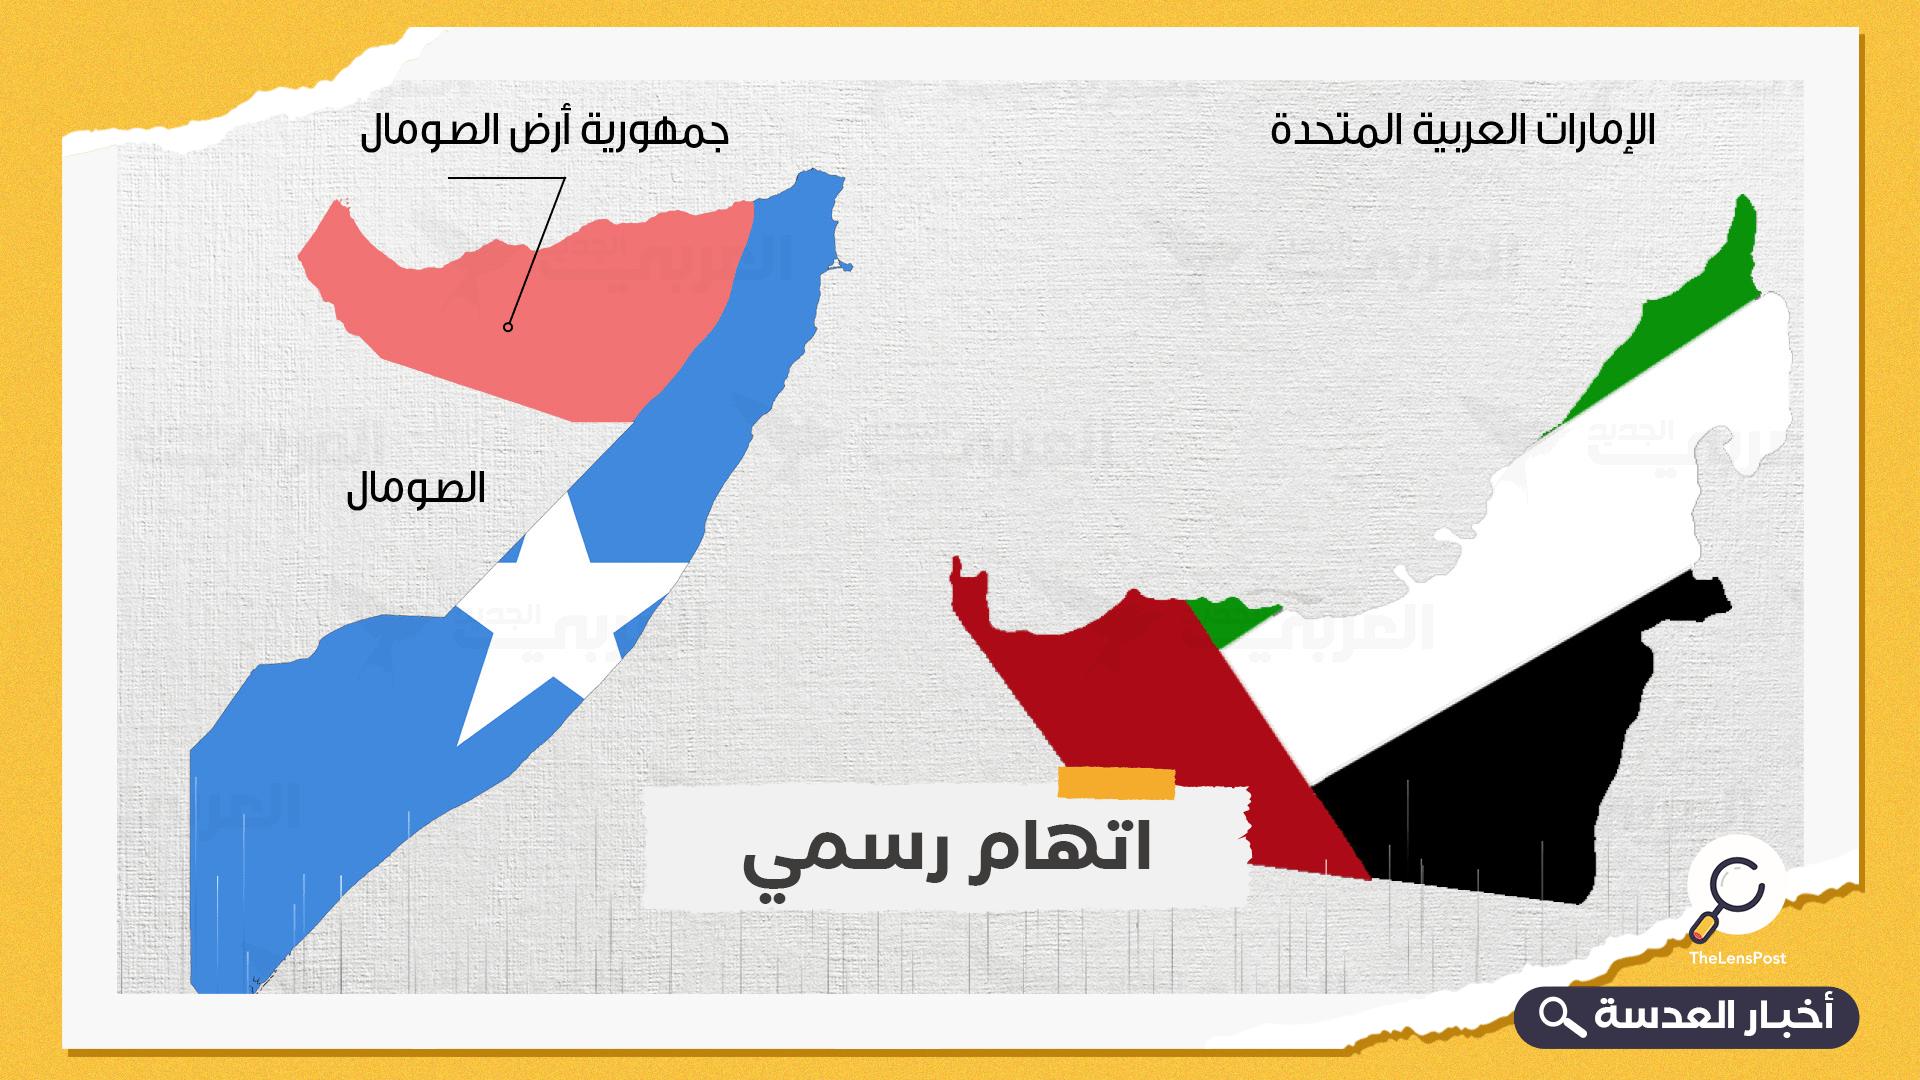 الصومال تتهم الإمارات بنشر الفوضى